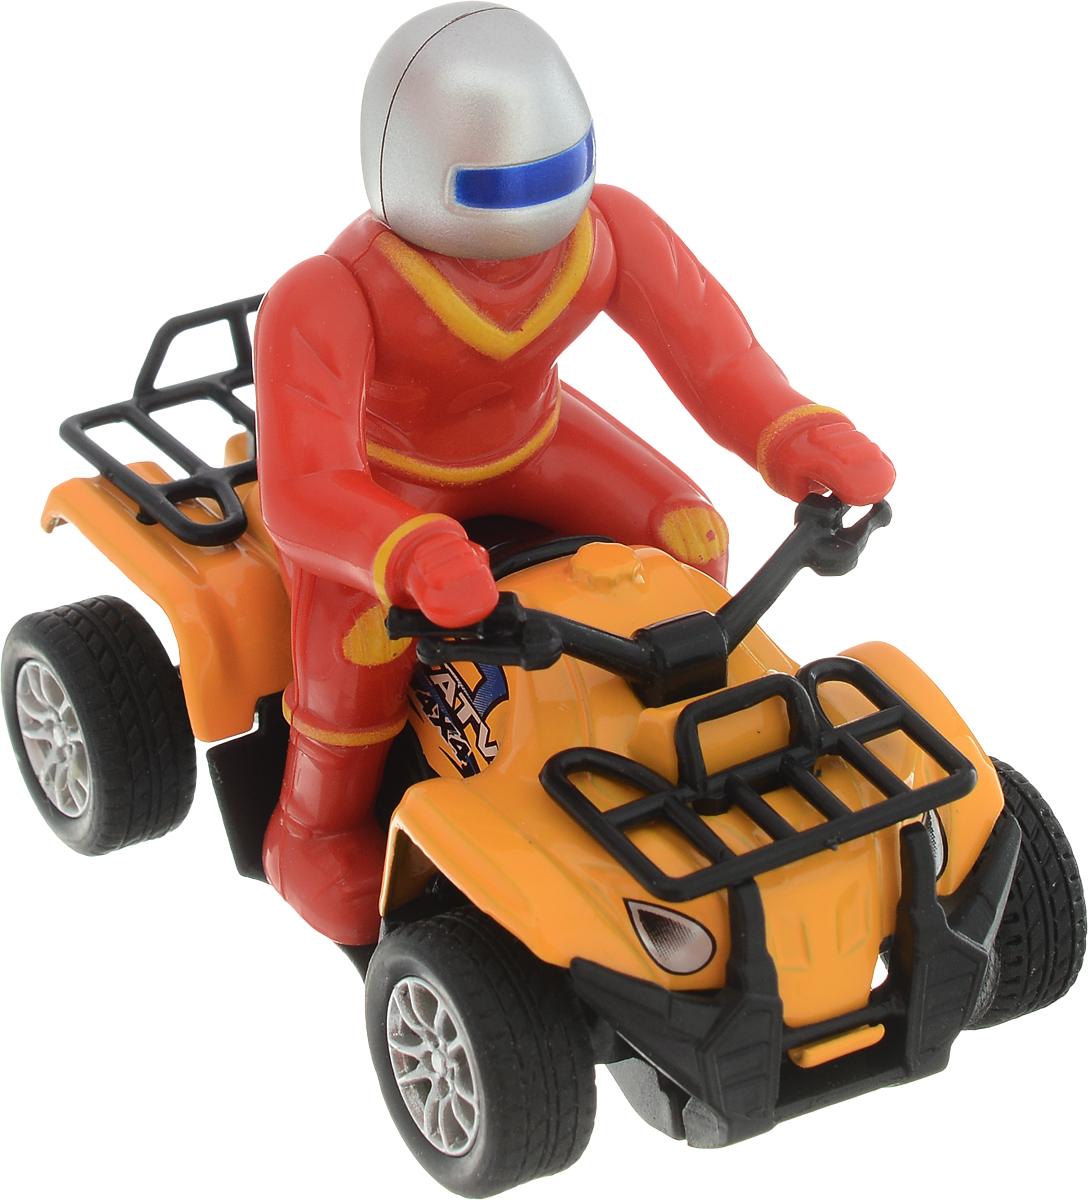 ТехноПарк Квадроцикл с фигуркой цвет красный оранжевый, Shantou City Daxiang Plastic Toy Products Co., Ltd